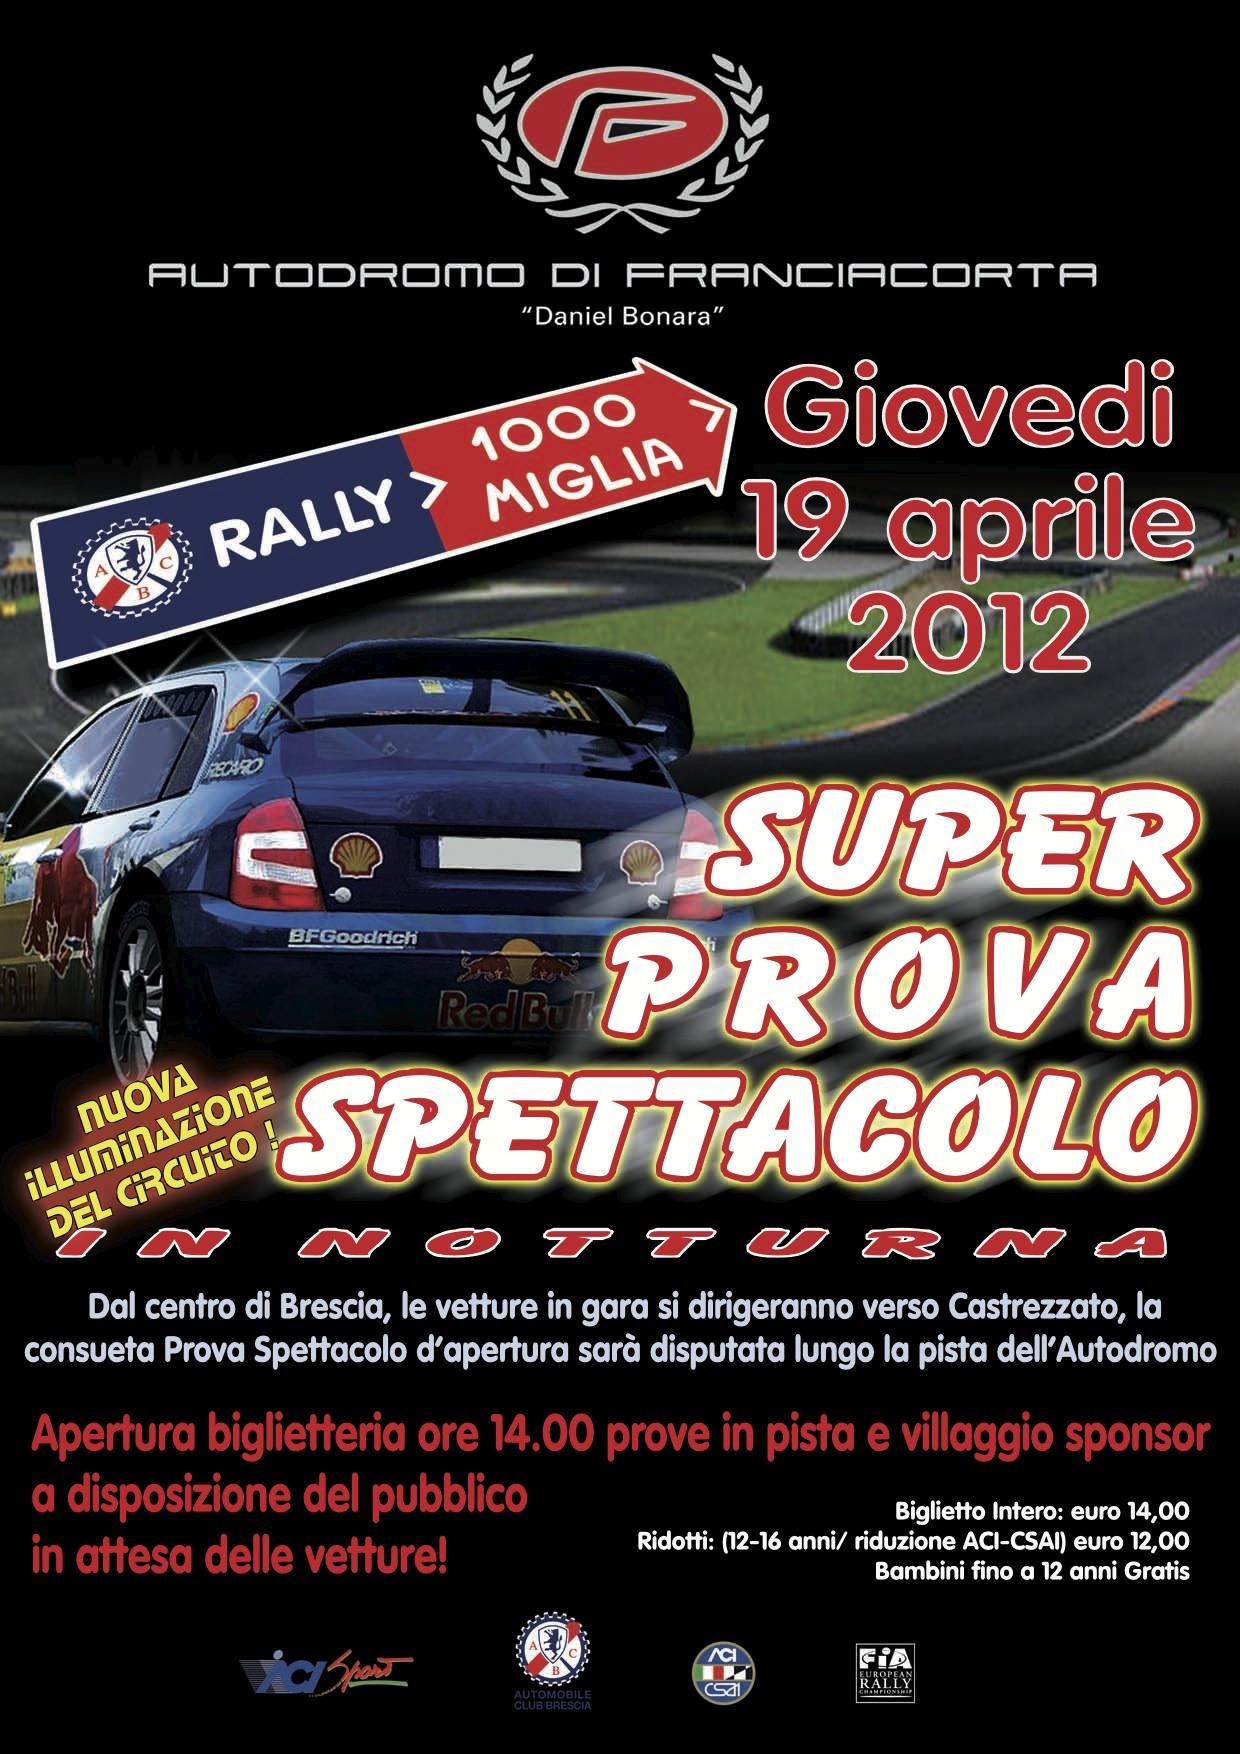 RALLY 1000 miglia 19/04 Autodromo Di Franciacorta